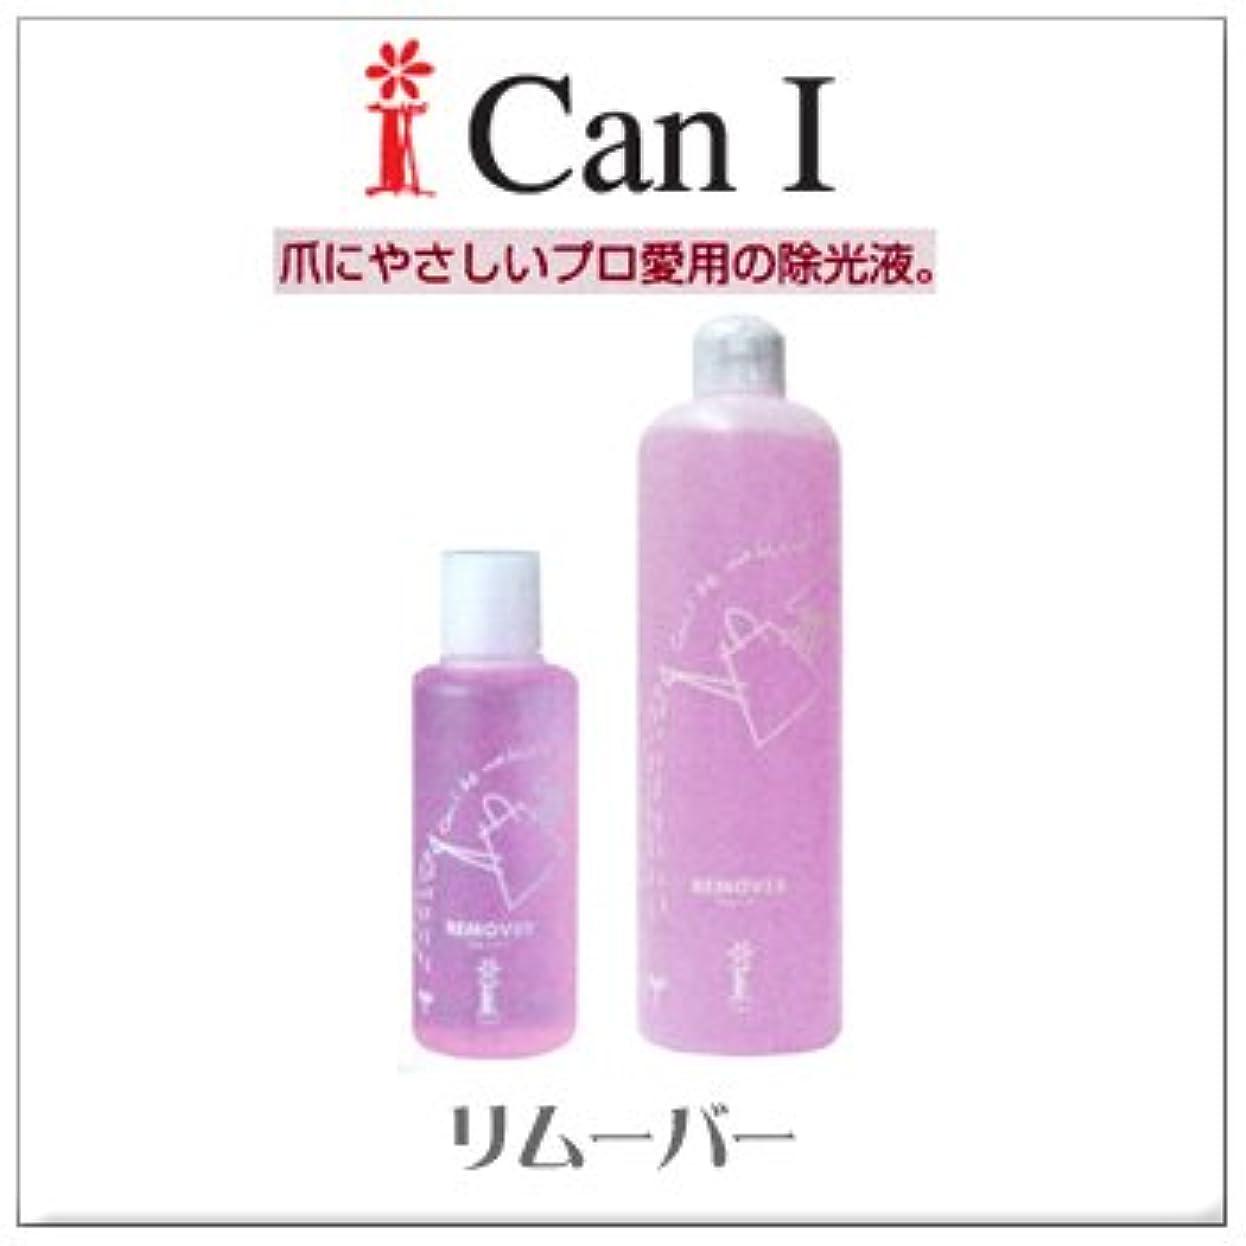 玉奪う風景CanI (キャンアイ) リムーバー be native 500ml